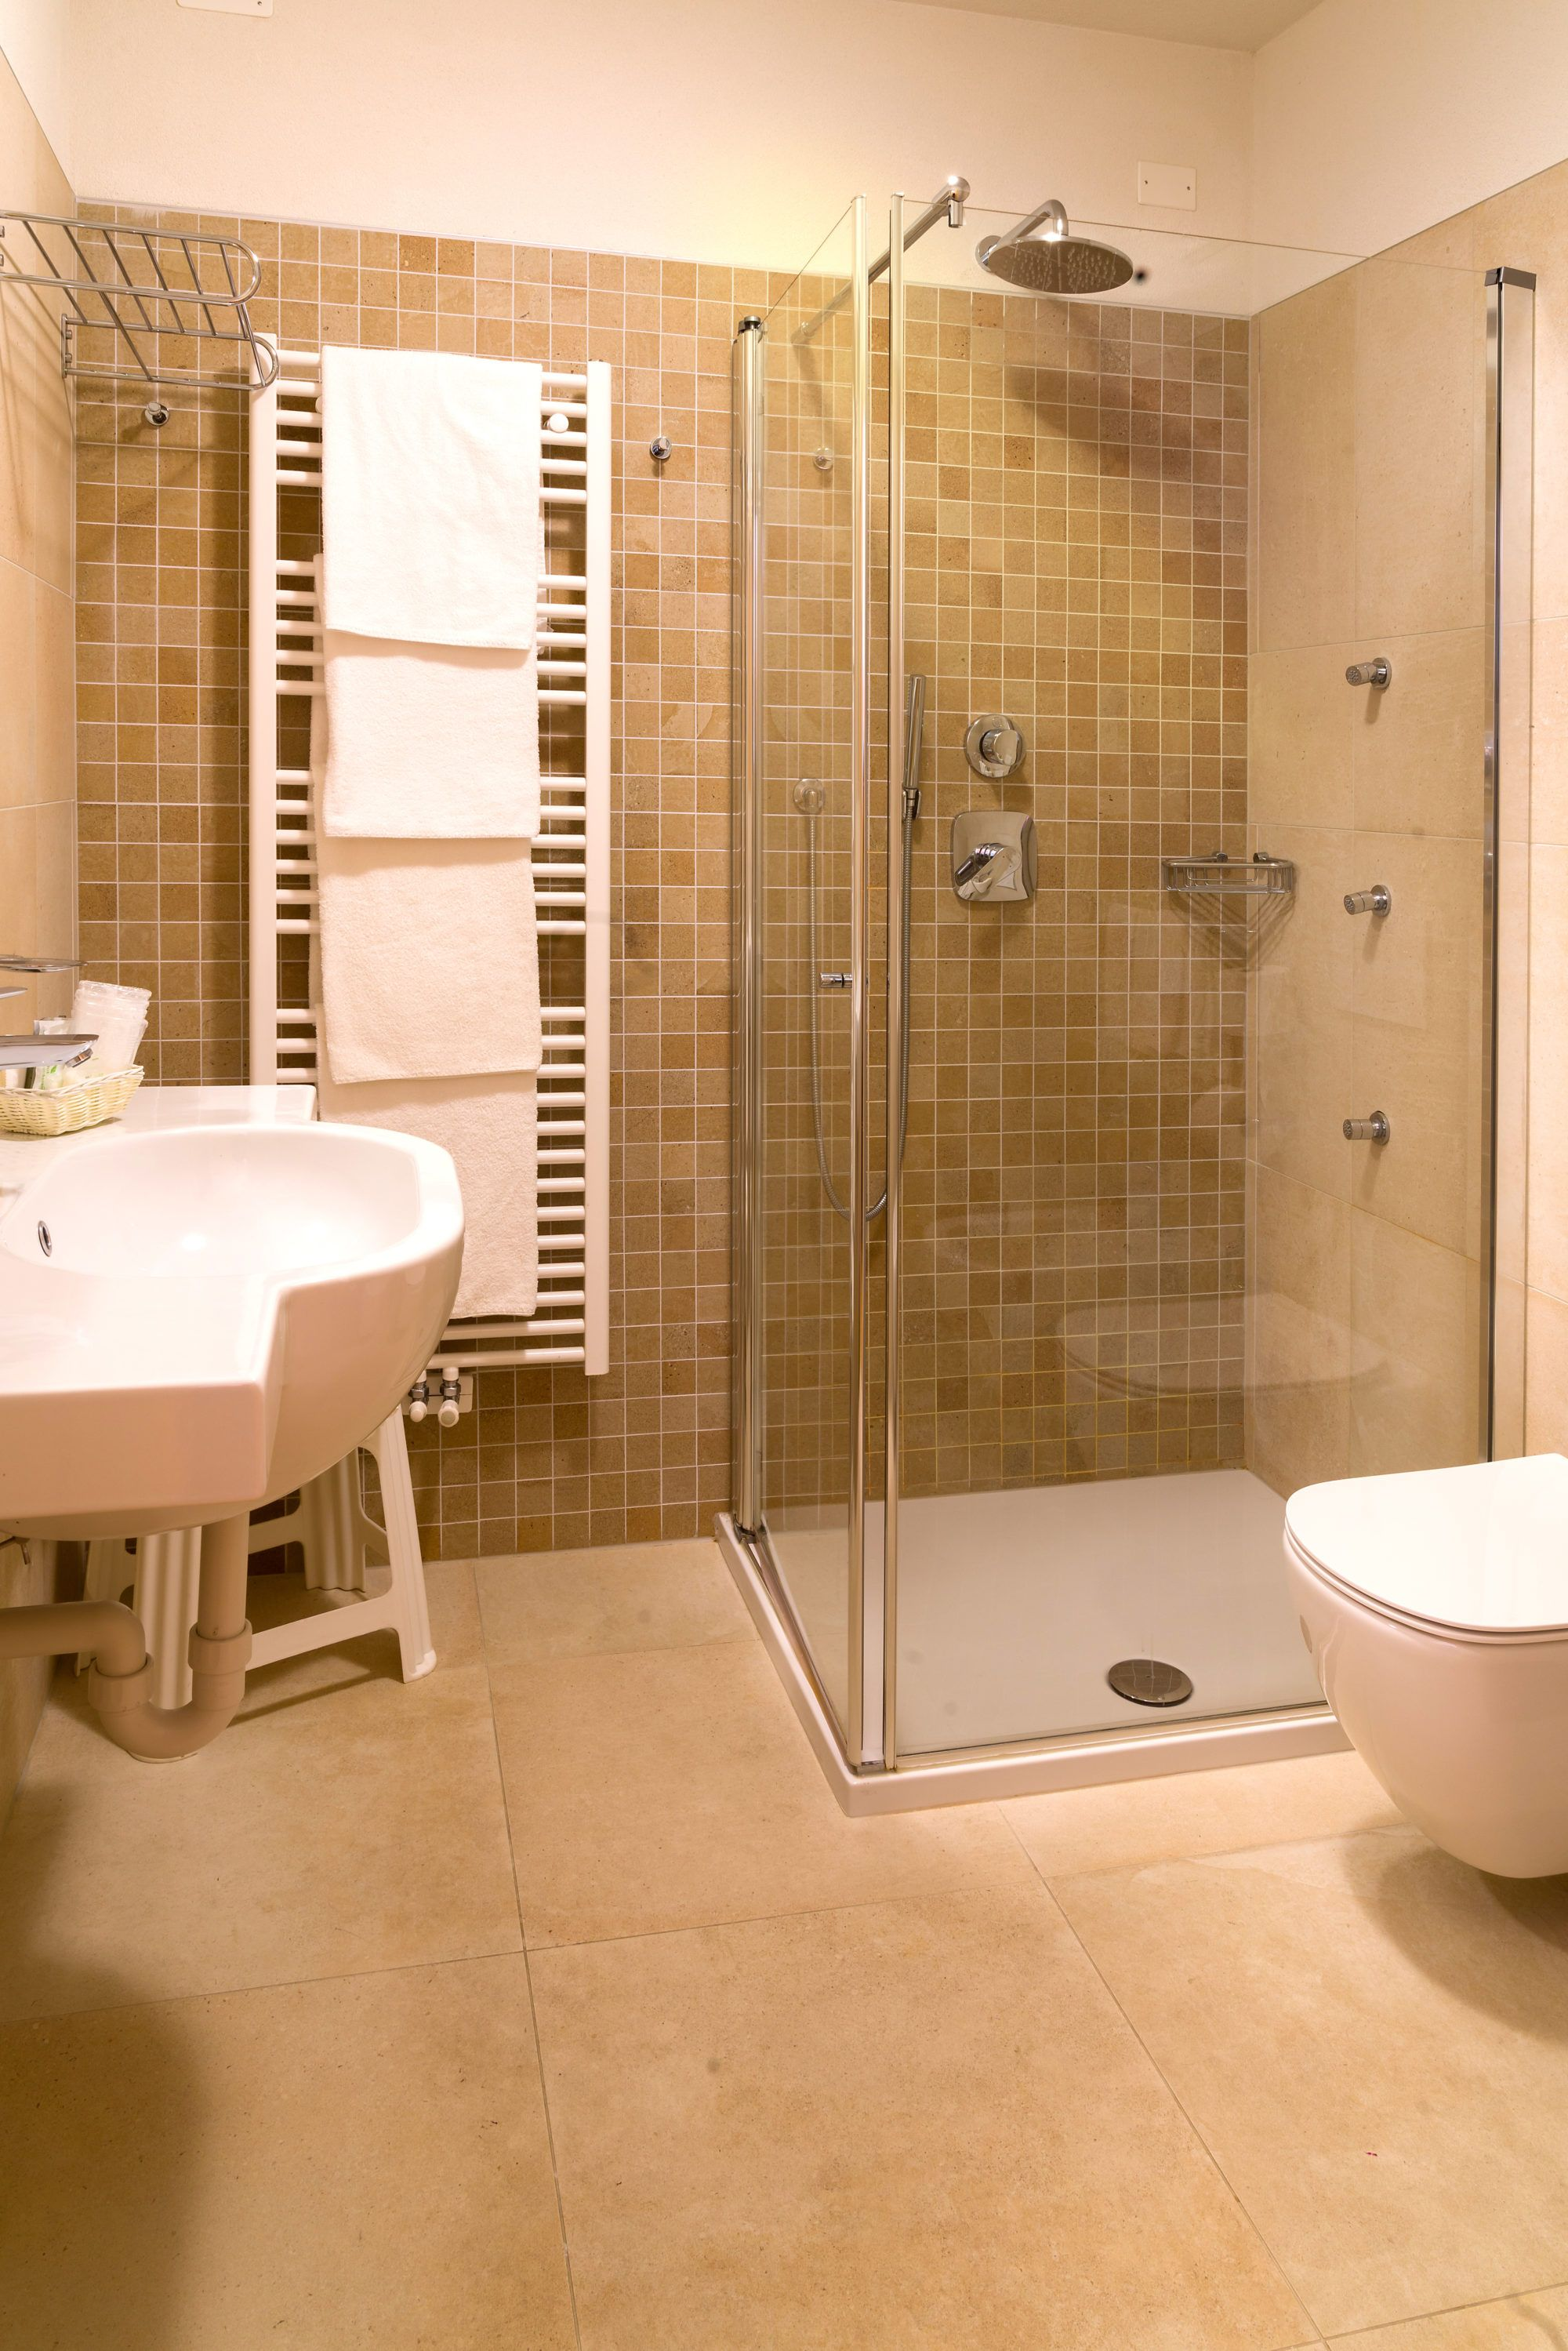 18 Hotel Il Caminetto - Bathroom